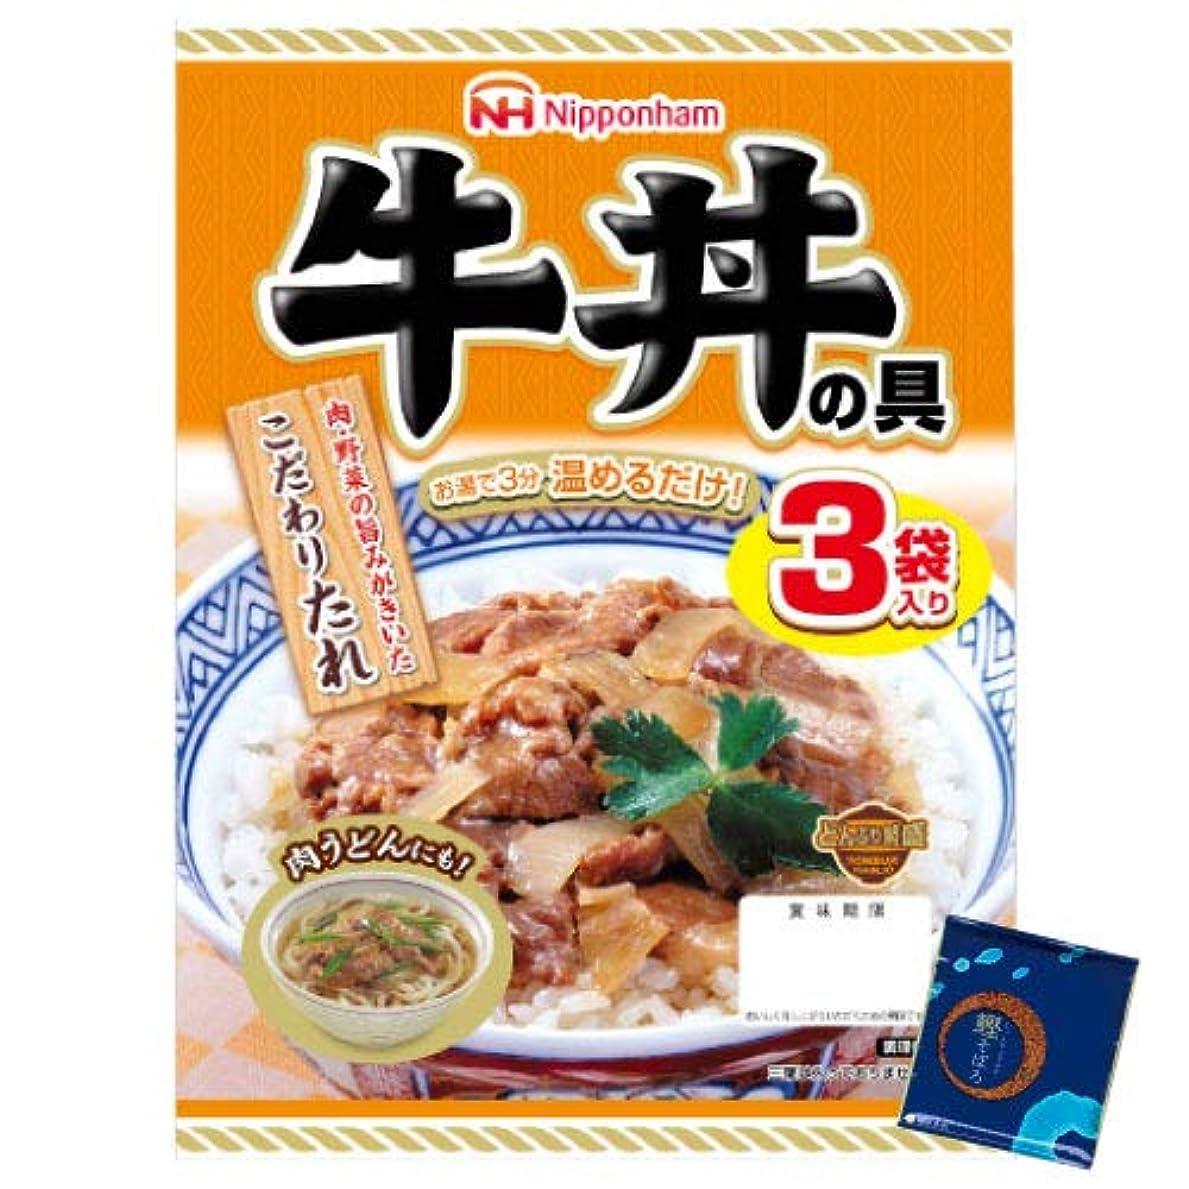 心理学火曜日ポーター日本ハム レトルト 牛丼 の具 18食 小袋鰹ふりかけ1袋 セット